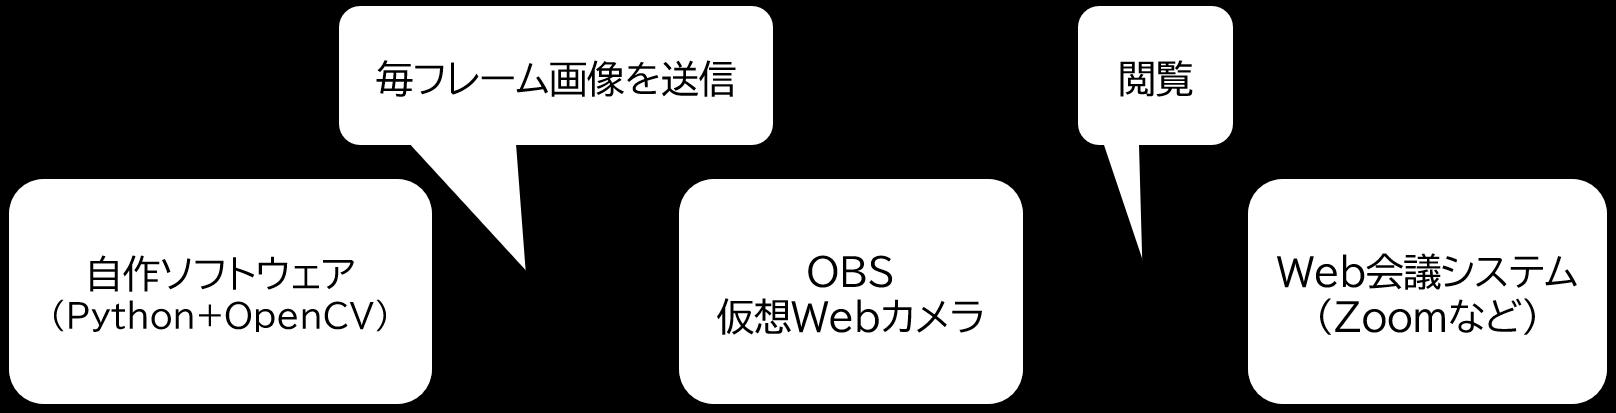 構成図.png